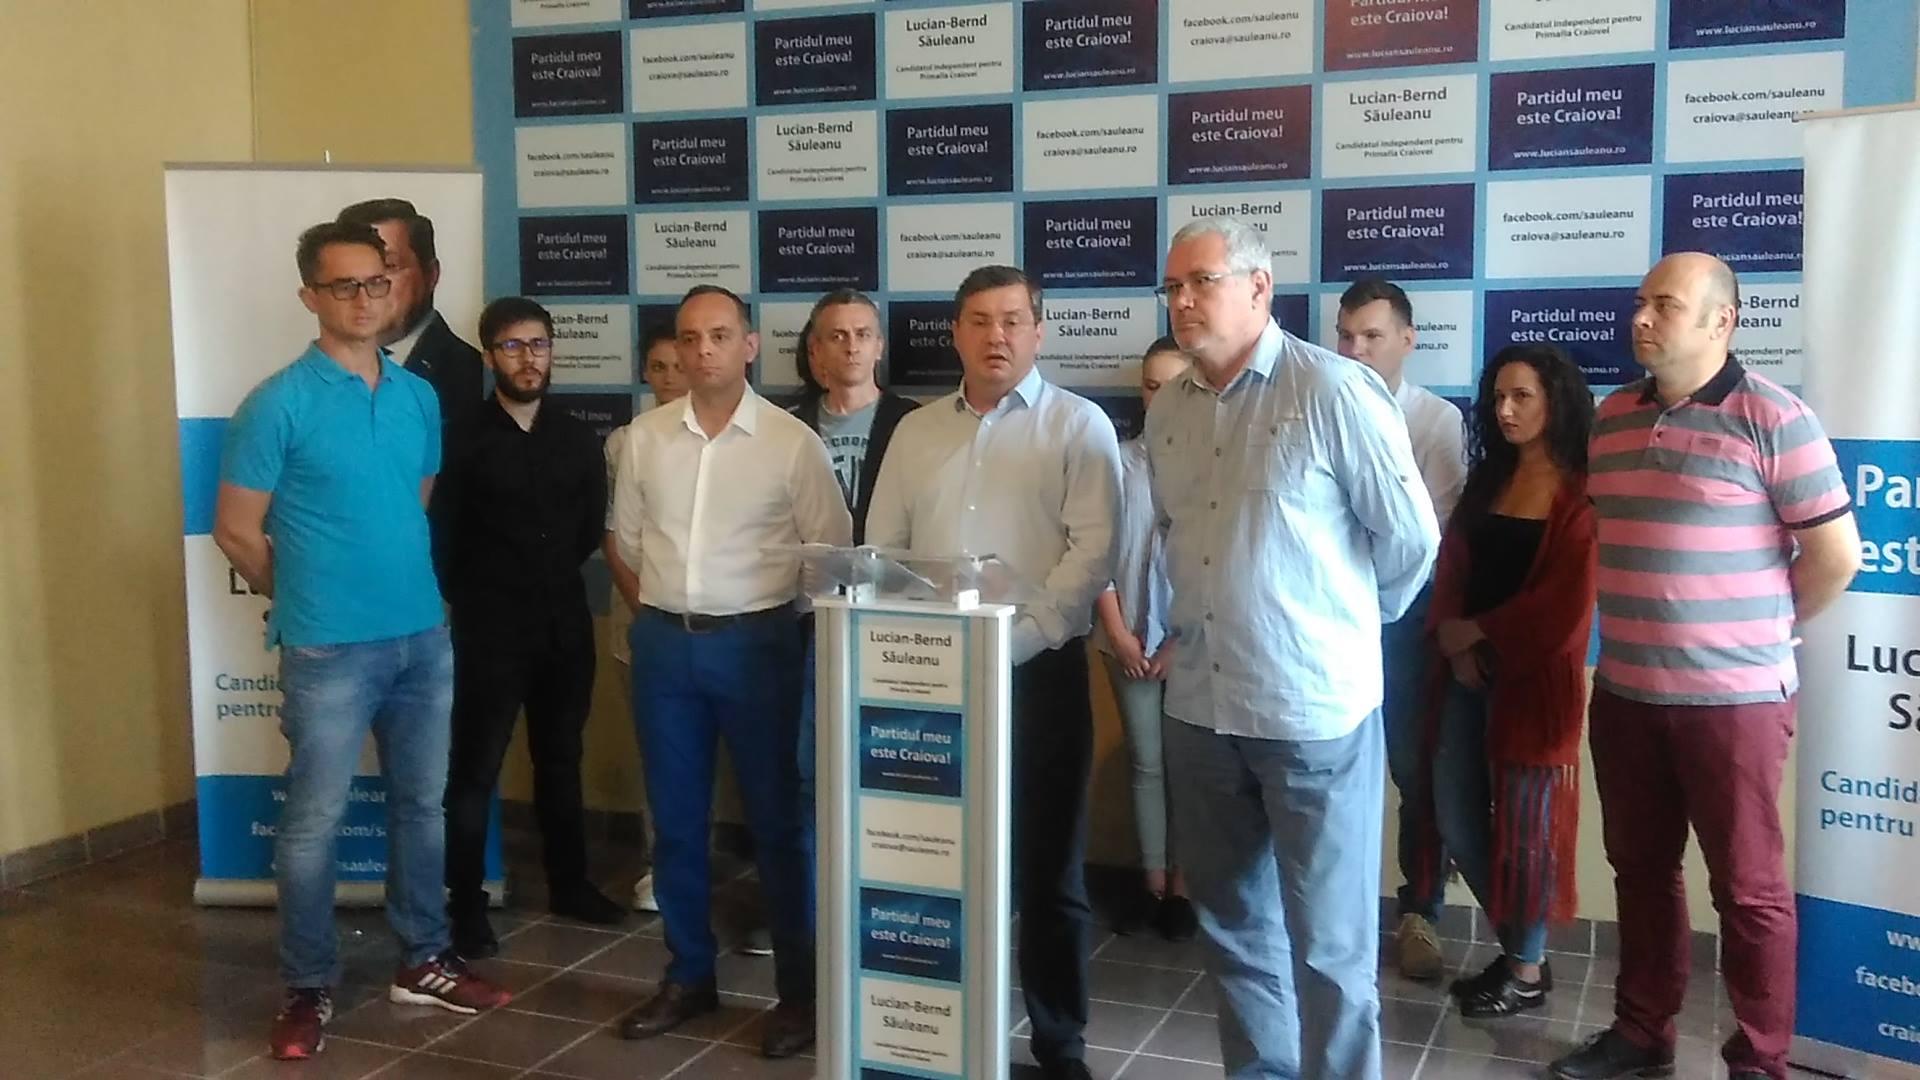 Lucian Săuleanu reclamă nereguli în unele secții de votare: Am făcut plângeri la Poliție, Jandarmerie și BEJ